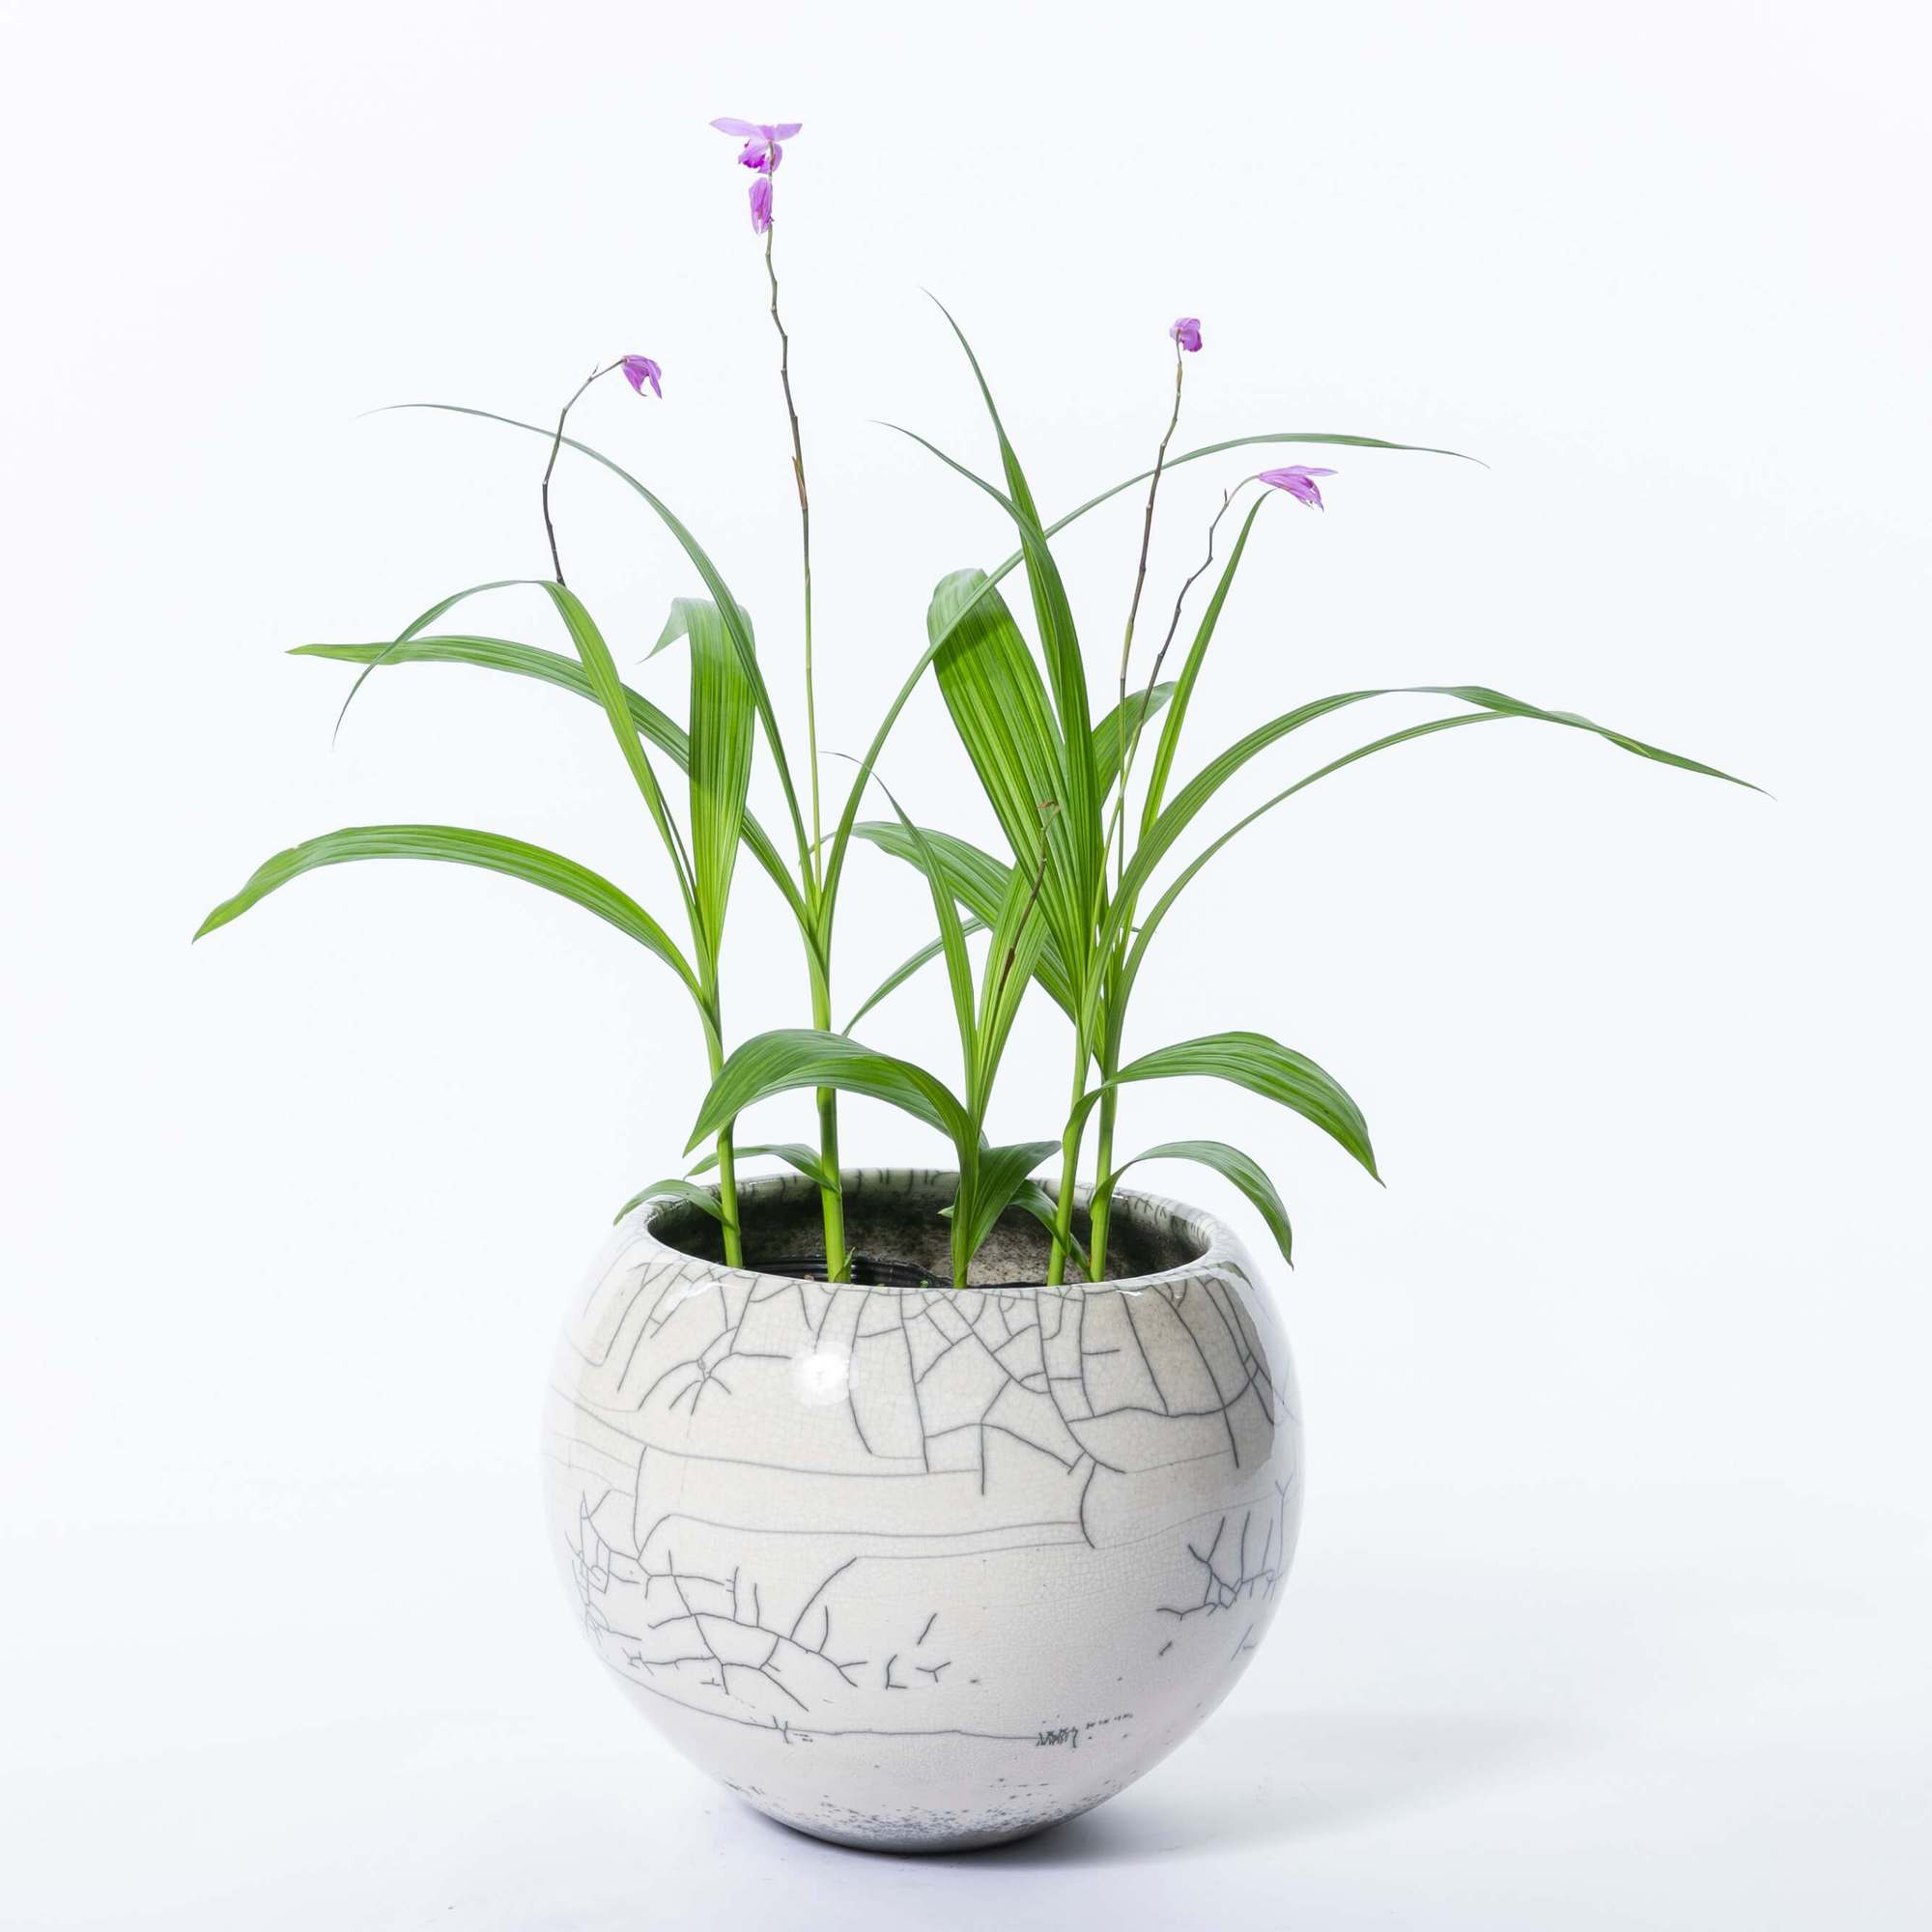 シラン 紫蘭 多年草 植栽 下草